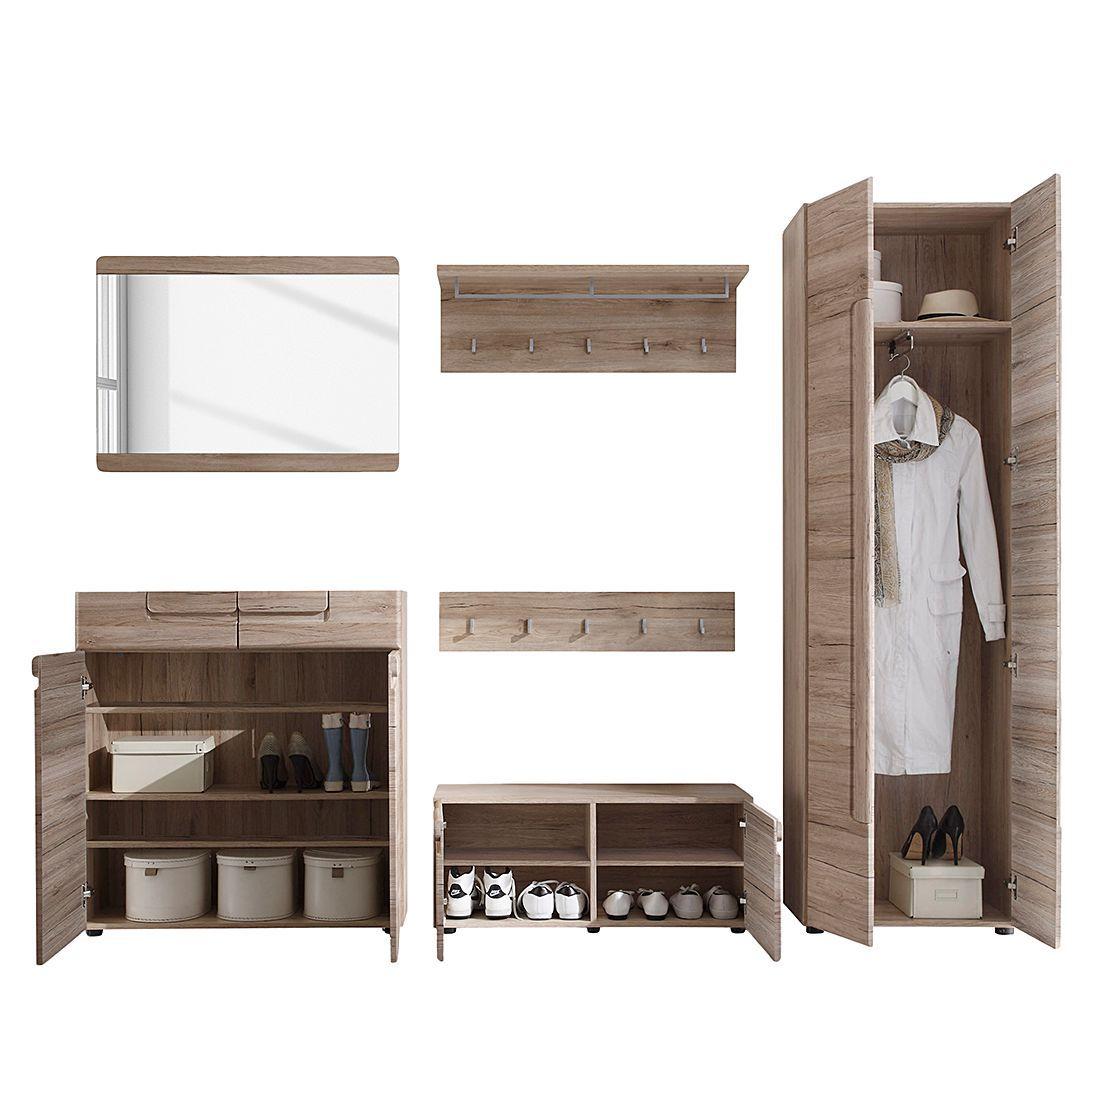 Garderobenset Giba 6 Teilig Products Garderoben Set